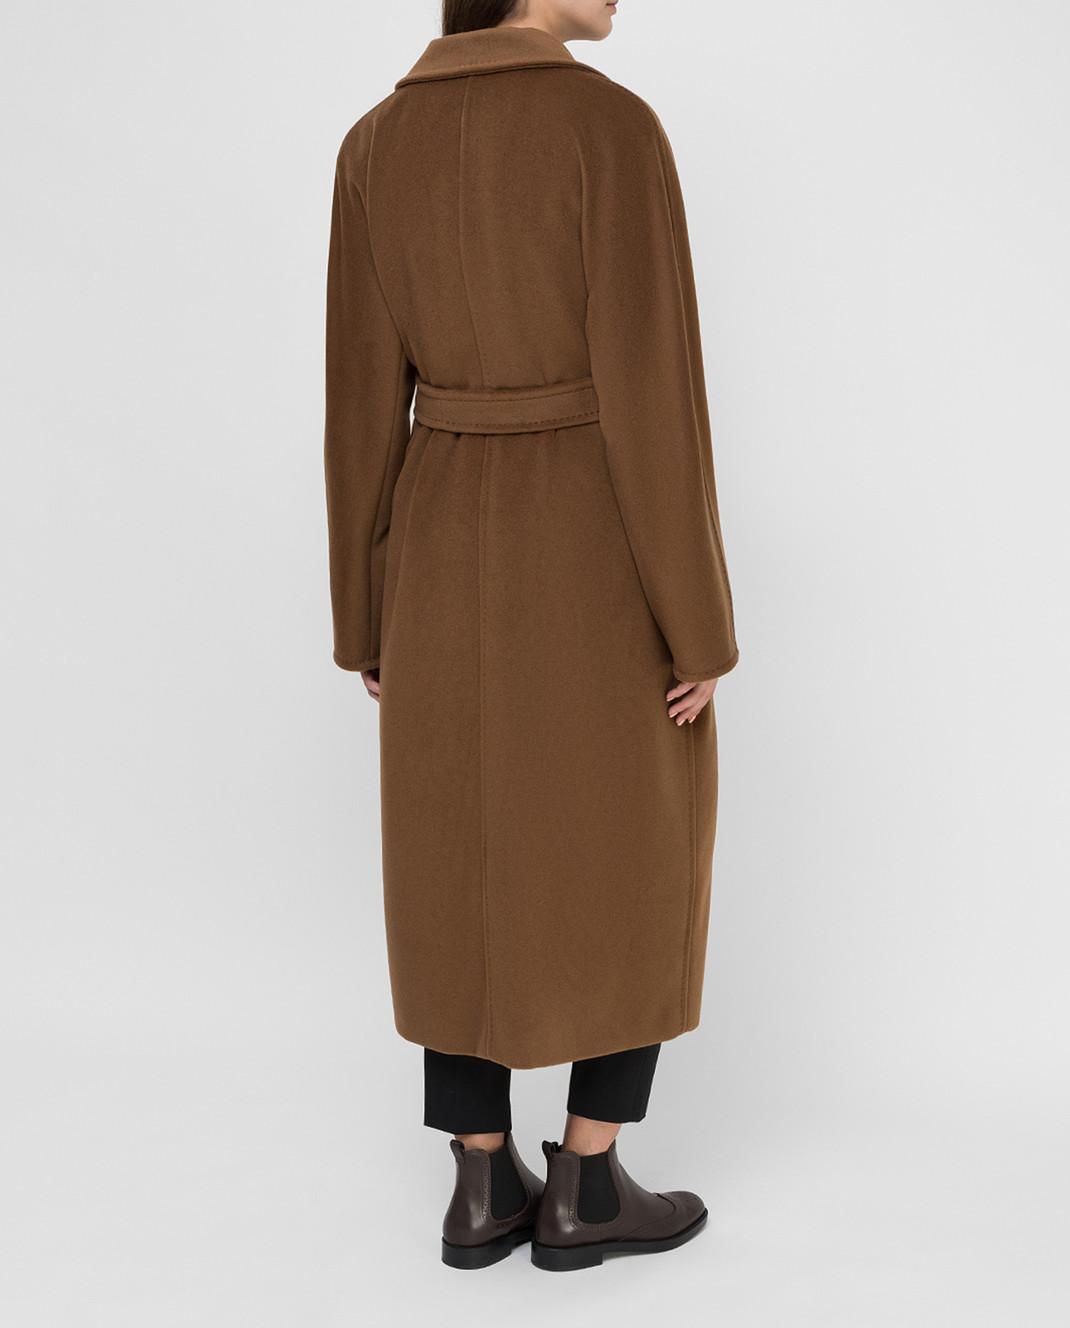 Max Mara Темно-бежевое пальто из шерсти и кашемира изображение 4